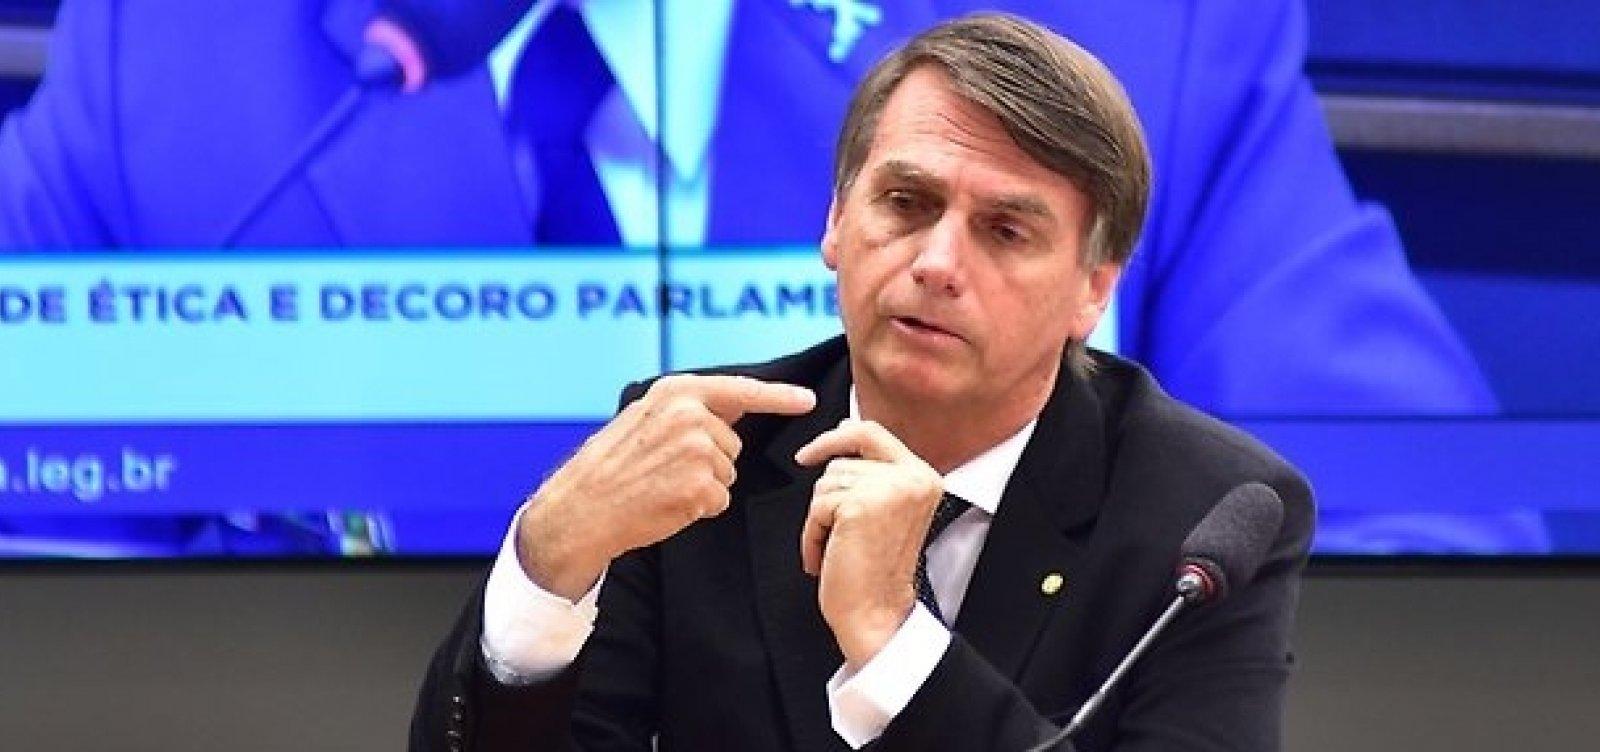 [Bolsonaro pretende participar de debates para se consolidar como candidato antipetista]